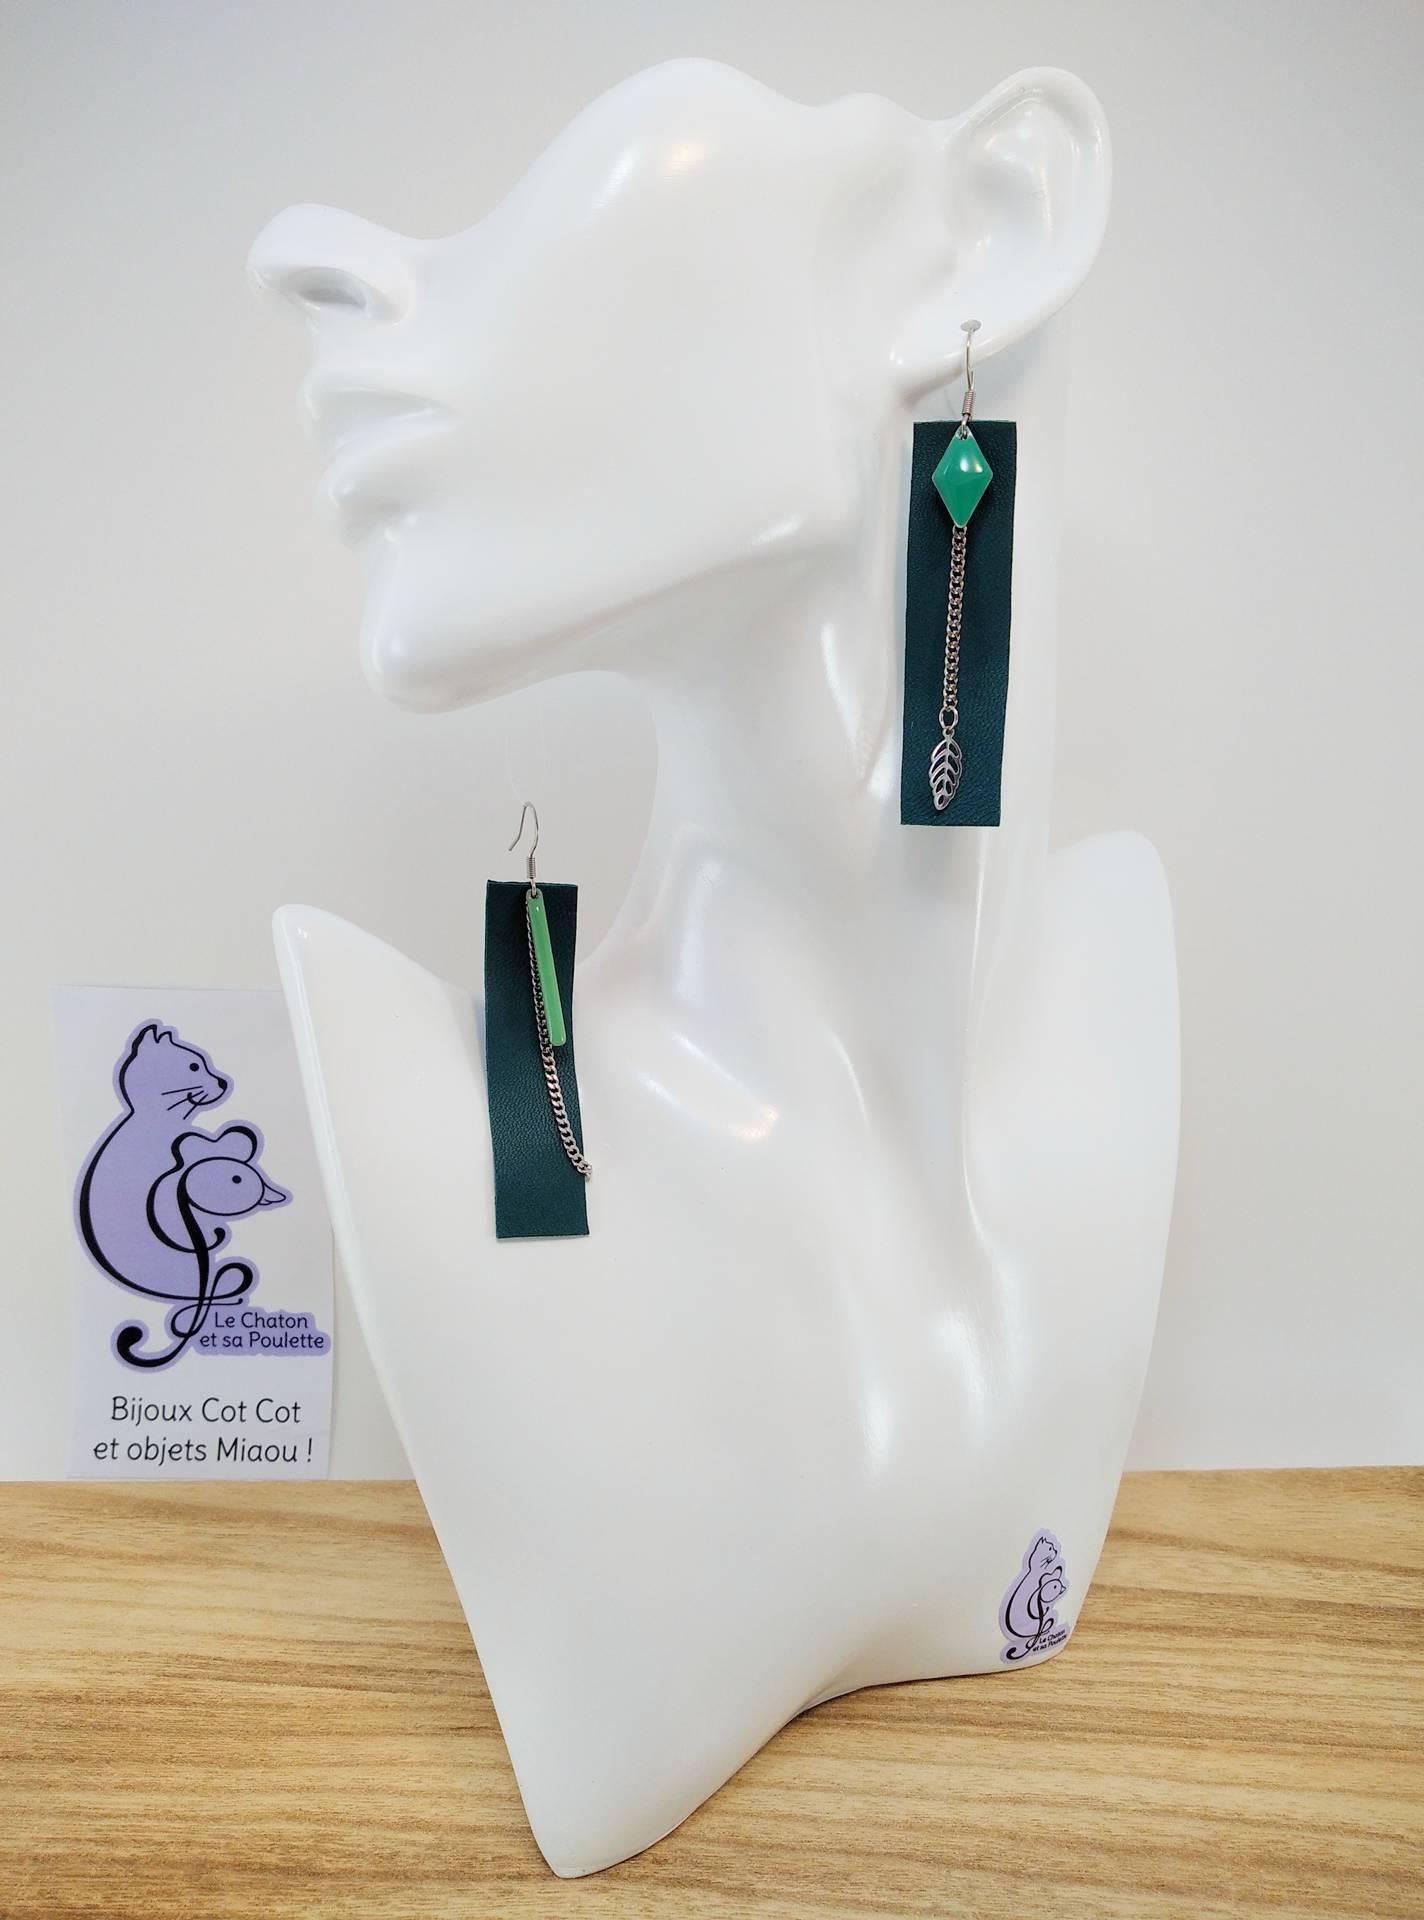 B.O. FORMIDABLE modèle 3 Cuir vert émeraude, breloques résine losange vert prasin et barre vert d'eau, breloque inox feuille et chaine